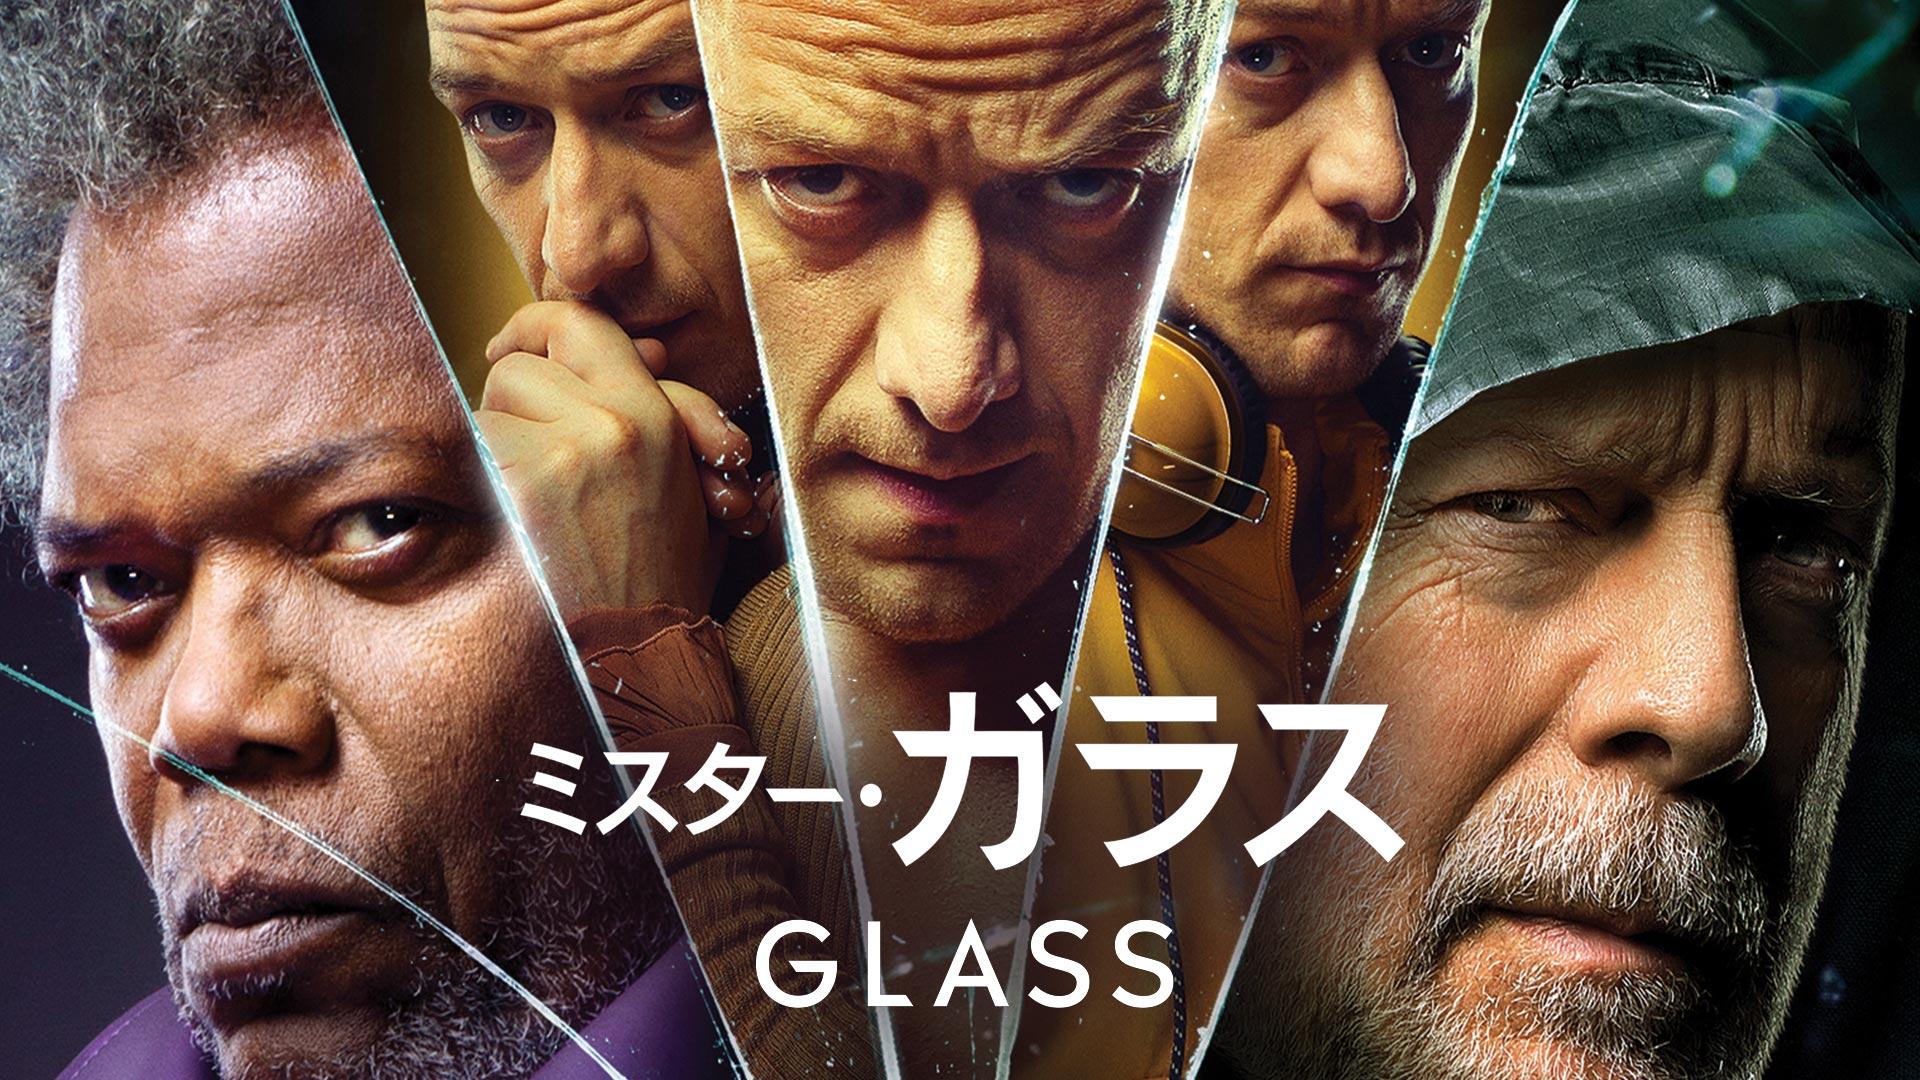 ミスター・ガラス (吹替版)